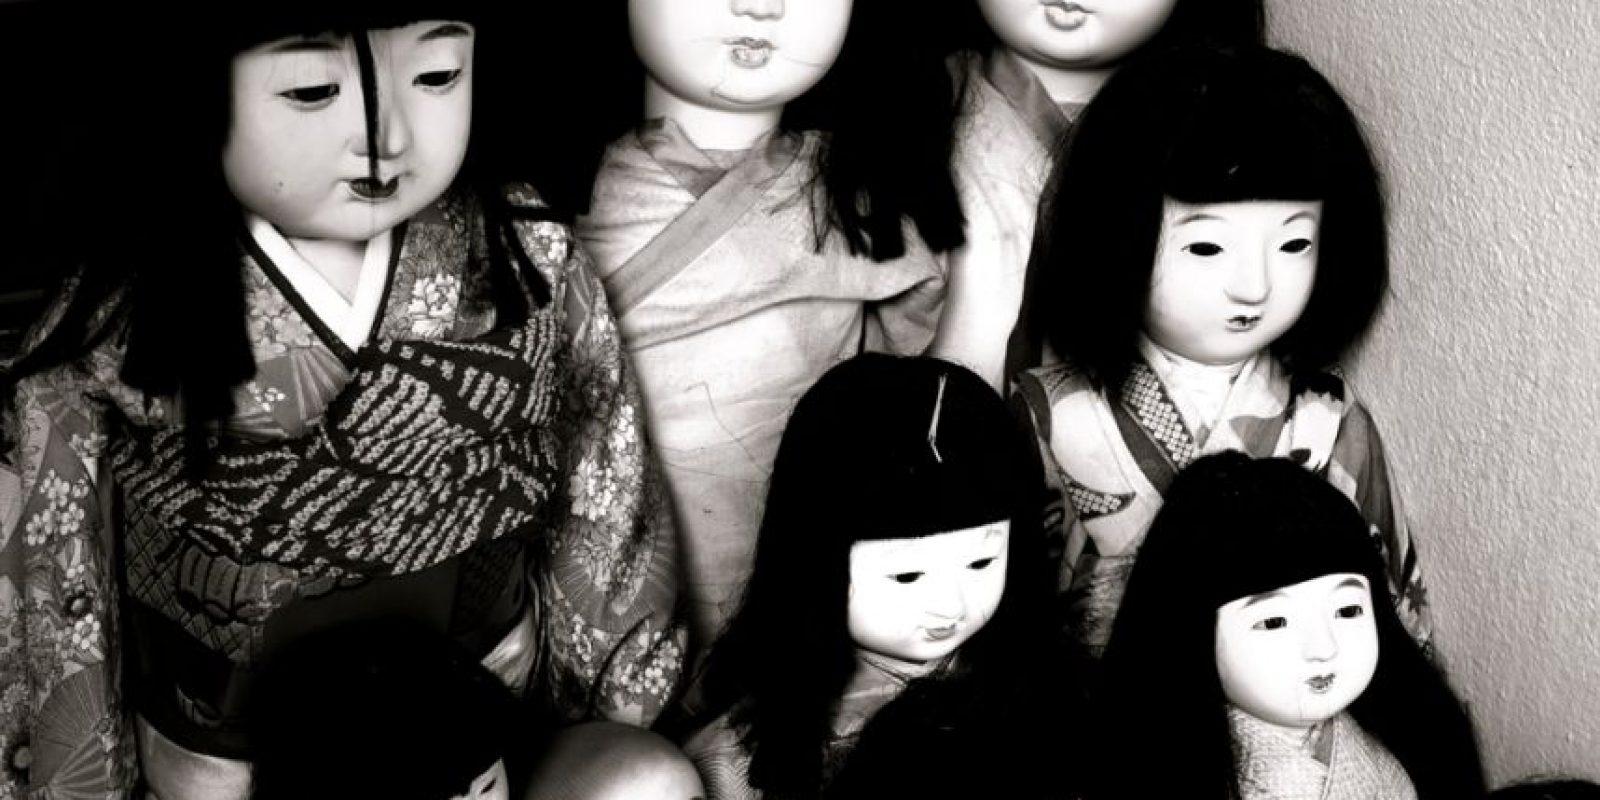 En Japón, por ejemplo, existe el mito de Okiku, una niña de dos años que murió repentinamente. Foto:vía Wikimedia